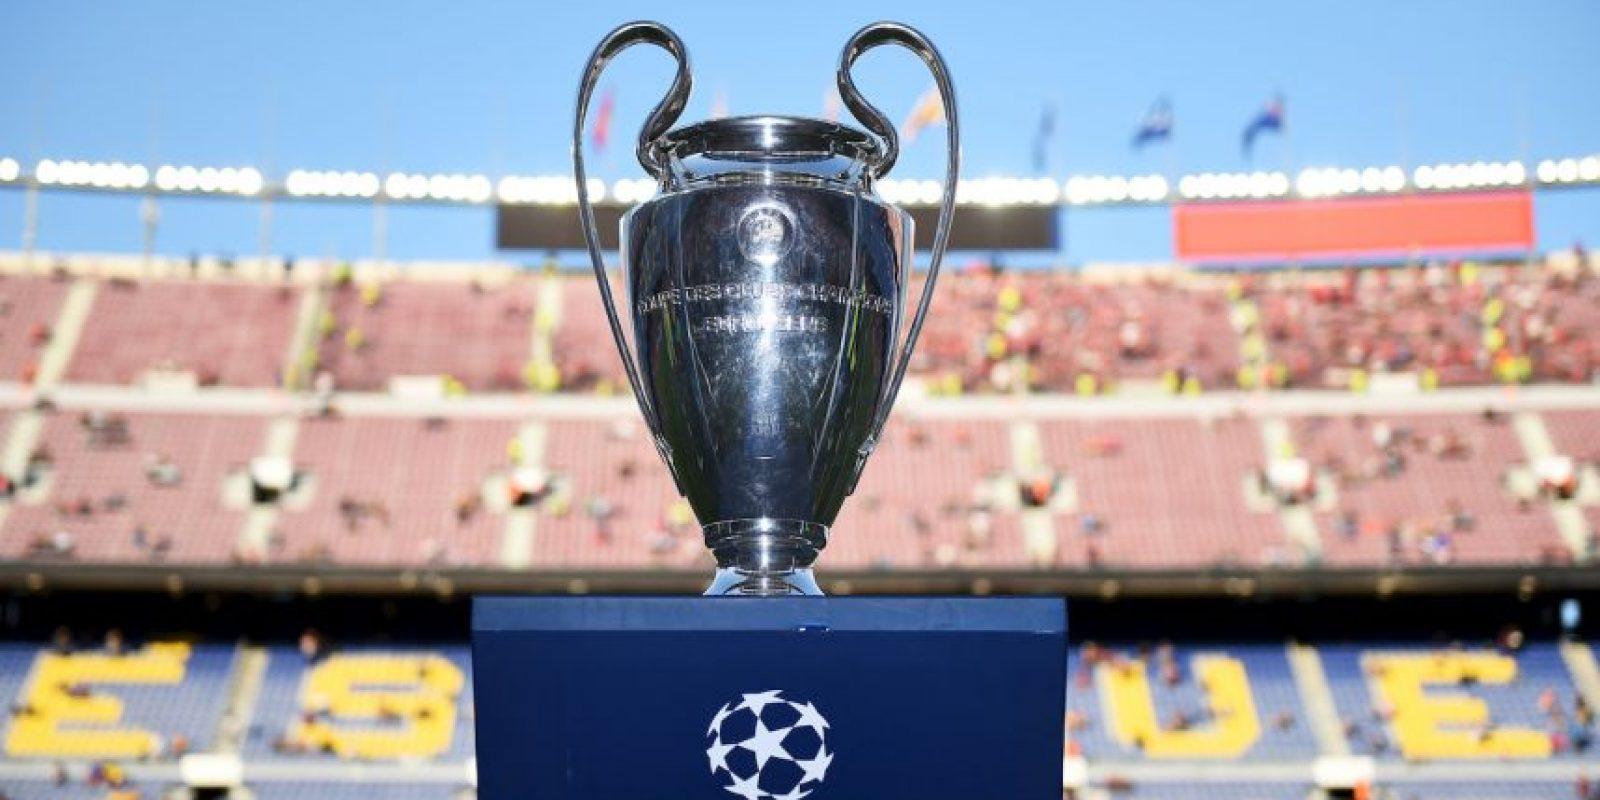 Uno de los dos estará en Berlín en la final de la Champions. ¿La fecha? El próximo 6 de junio Foto:Getty Images